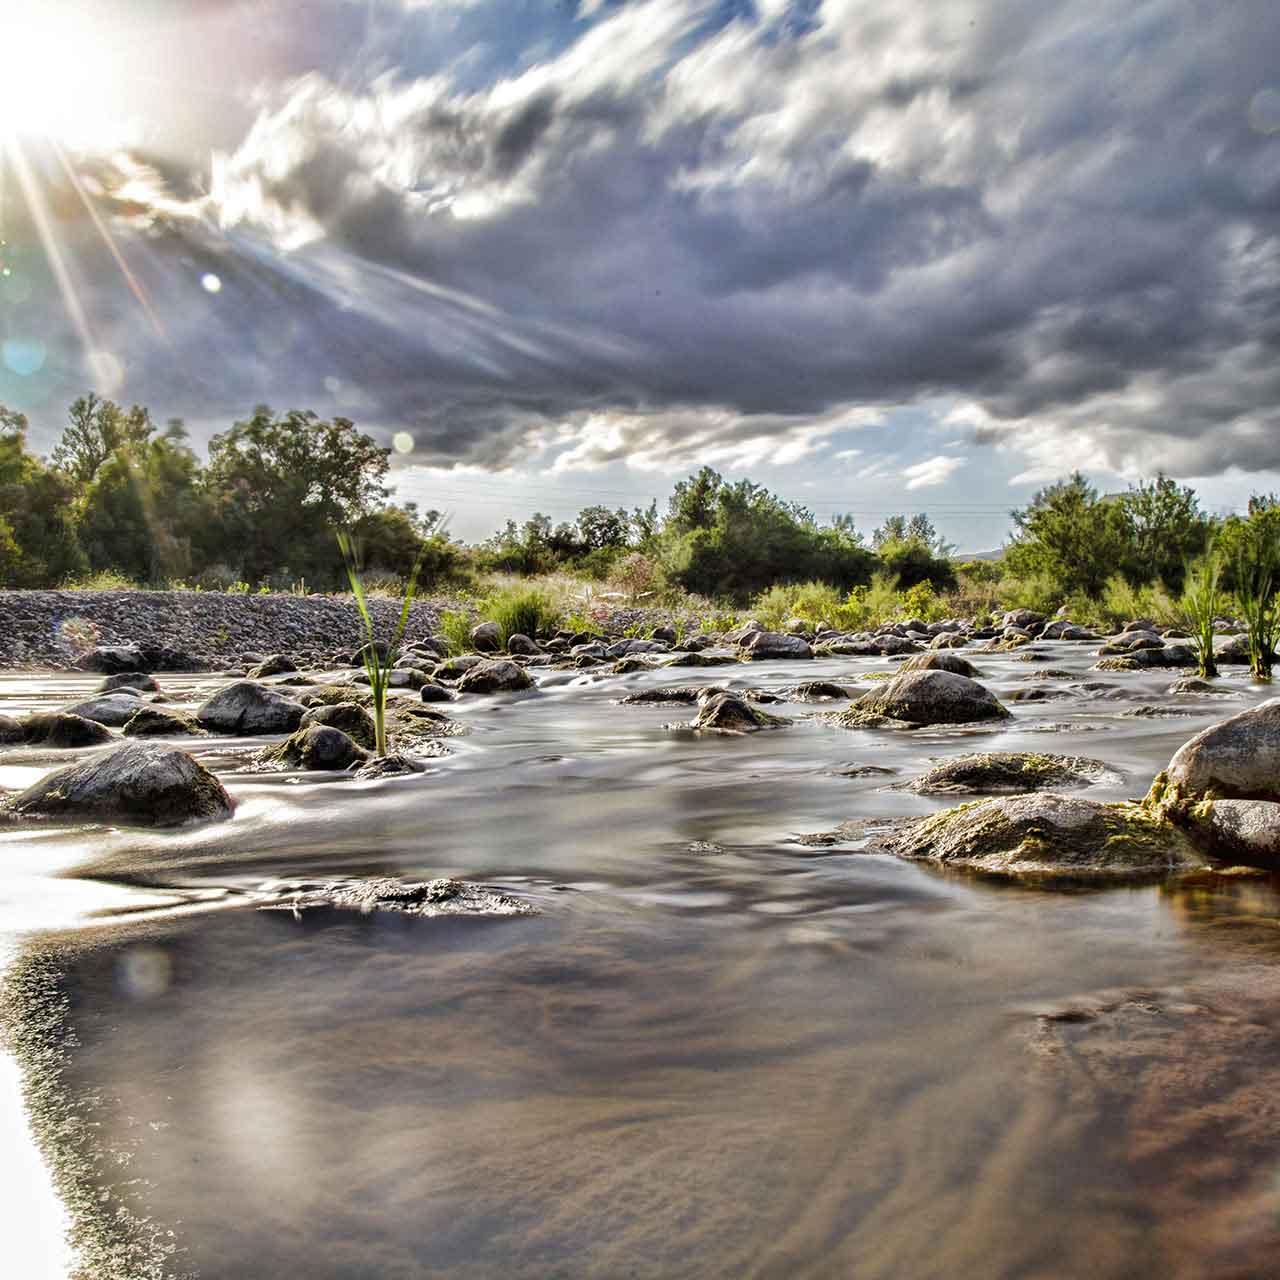 foto del letto del fiume Salso che sfocia nel Lago Pozzillo